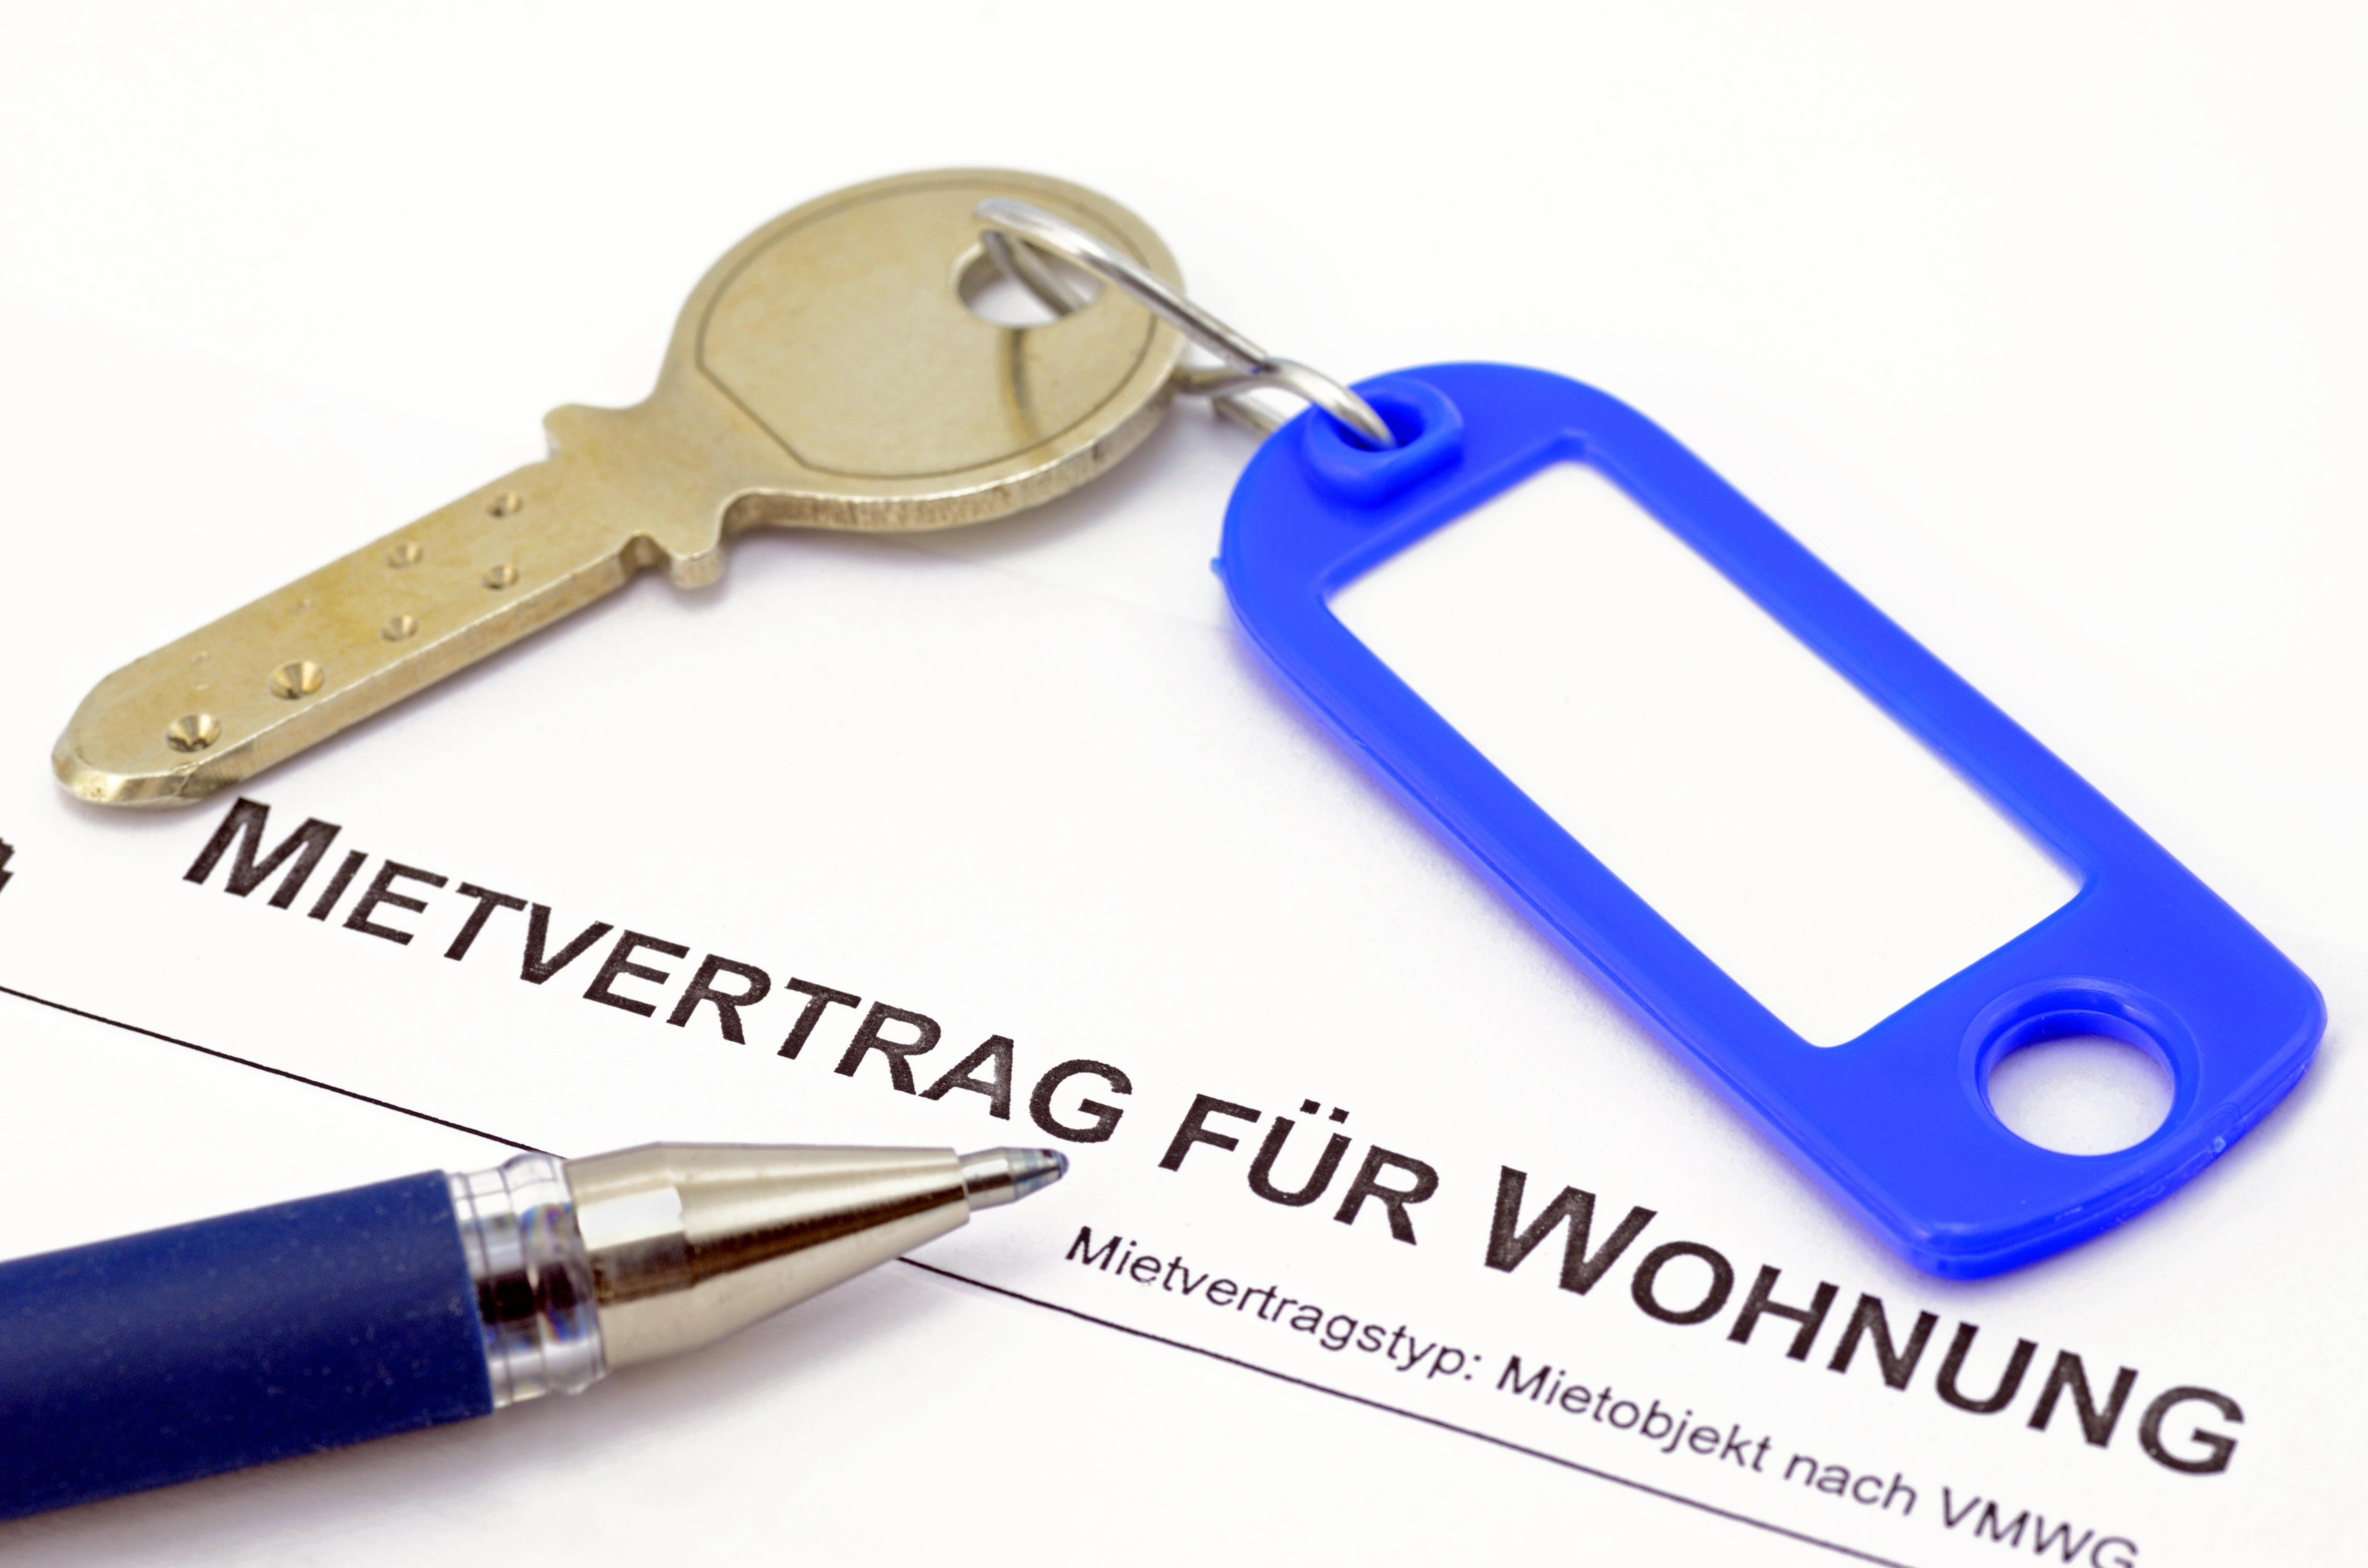 Mietvertragsgebühr Für Wohnungen Entfällt Wohnrecht Online